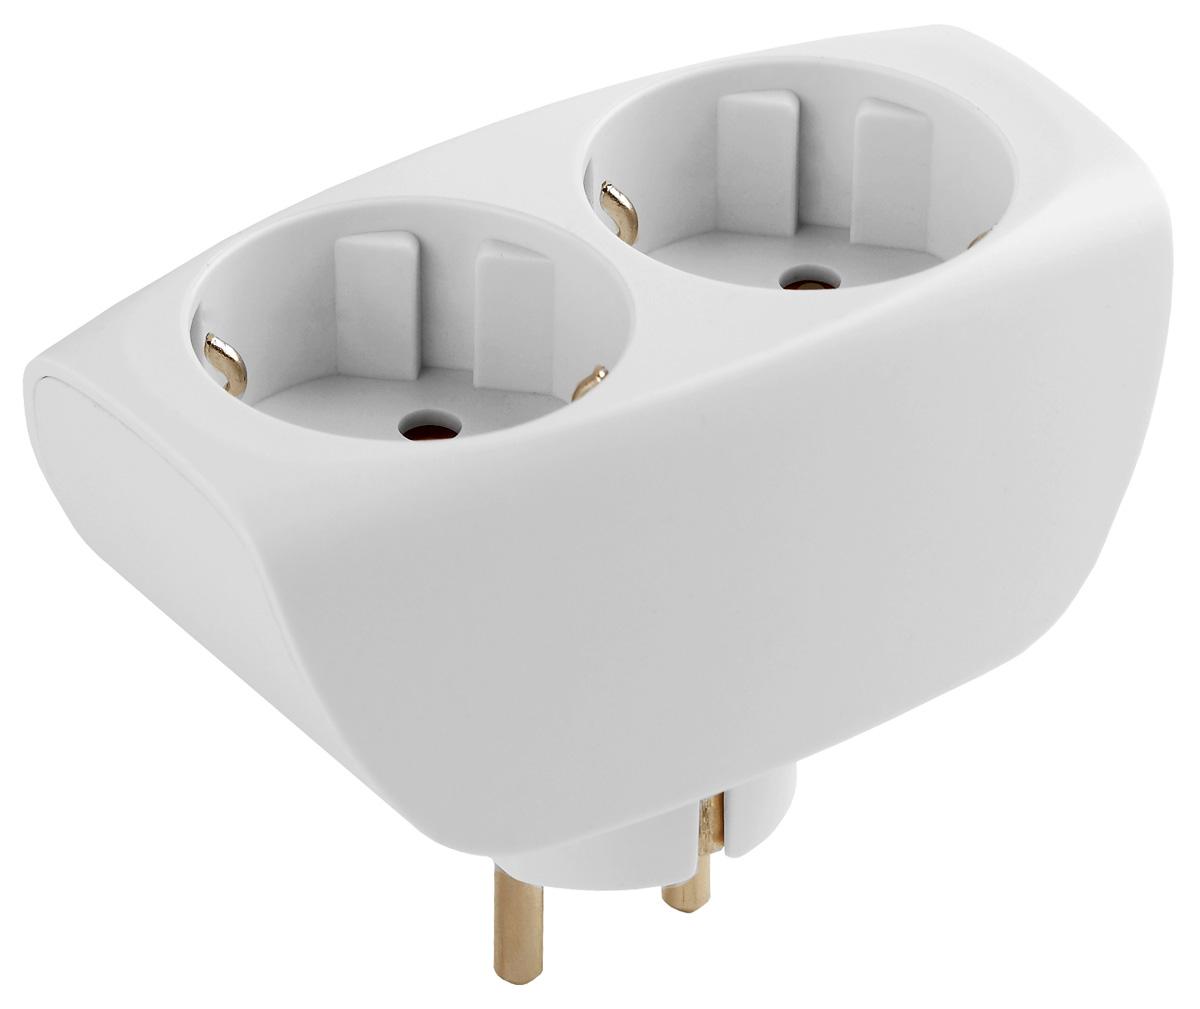 Тройник ЭРА SP-2e-W, с заземлением, цвет: белый, 2 гнездаSP-2e-WСетевой разветвитель (тройник) ЭРА предназначен для бытового применения в помещениях и обеспечивает возможность присоединения электрических приемников к однофазным сетям с номинальным напряжением 220В. Позволяет подключить несколько потребителей к одной электрической розетке. Материал корпуса - негорючий пластик с антипиренами, устойчив к механическим повреждениям, соответствует требованиям пожаробезопасности. Разветвитель имеет заземление и шторки. Наличие заземляющего контакта: да. Напряжение номинальное: 220В. Напряжение максимальное: 250В. Температура эксплуатации: от +5°С до +40°С. Относительная влажность: не более 85%. Срок службы: 5 лет. Материал корпуса: поликарбонат. Материал токоведущих частей: латунь CuZn15.